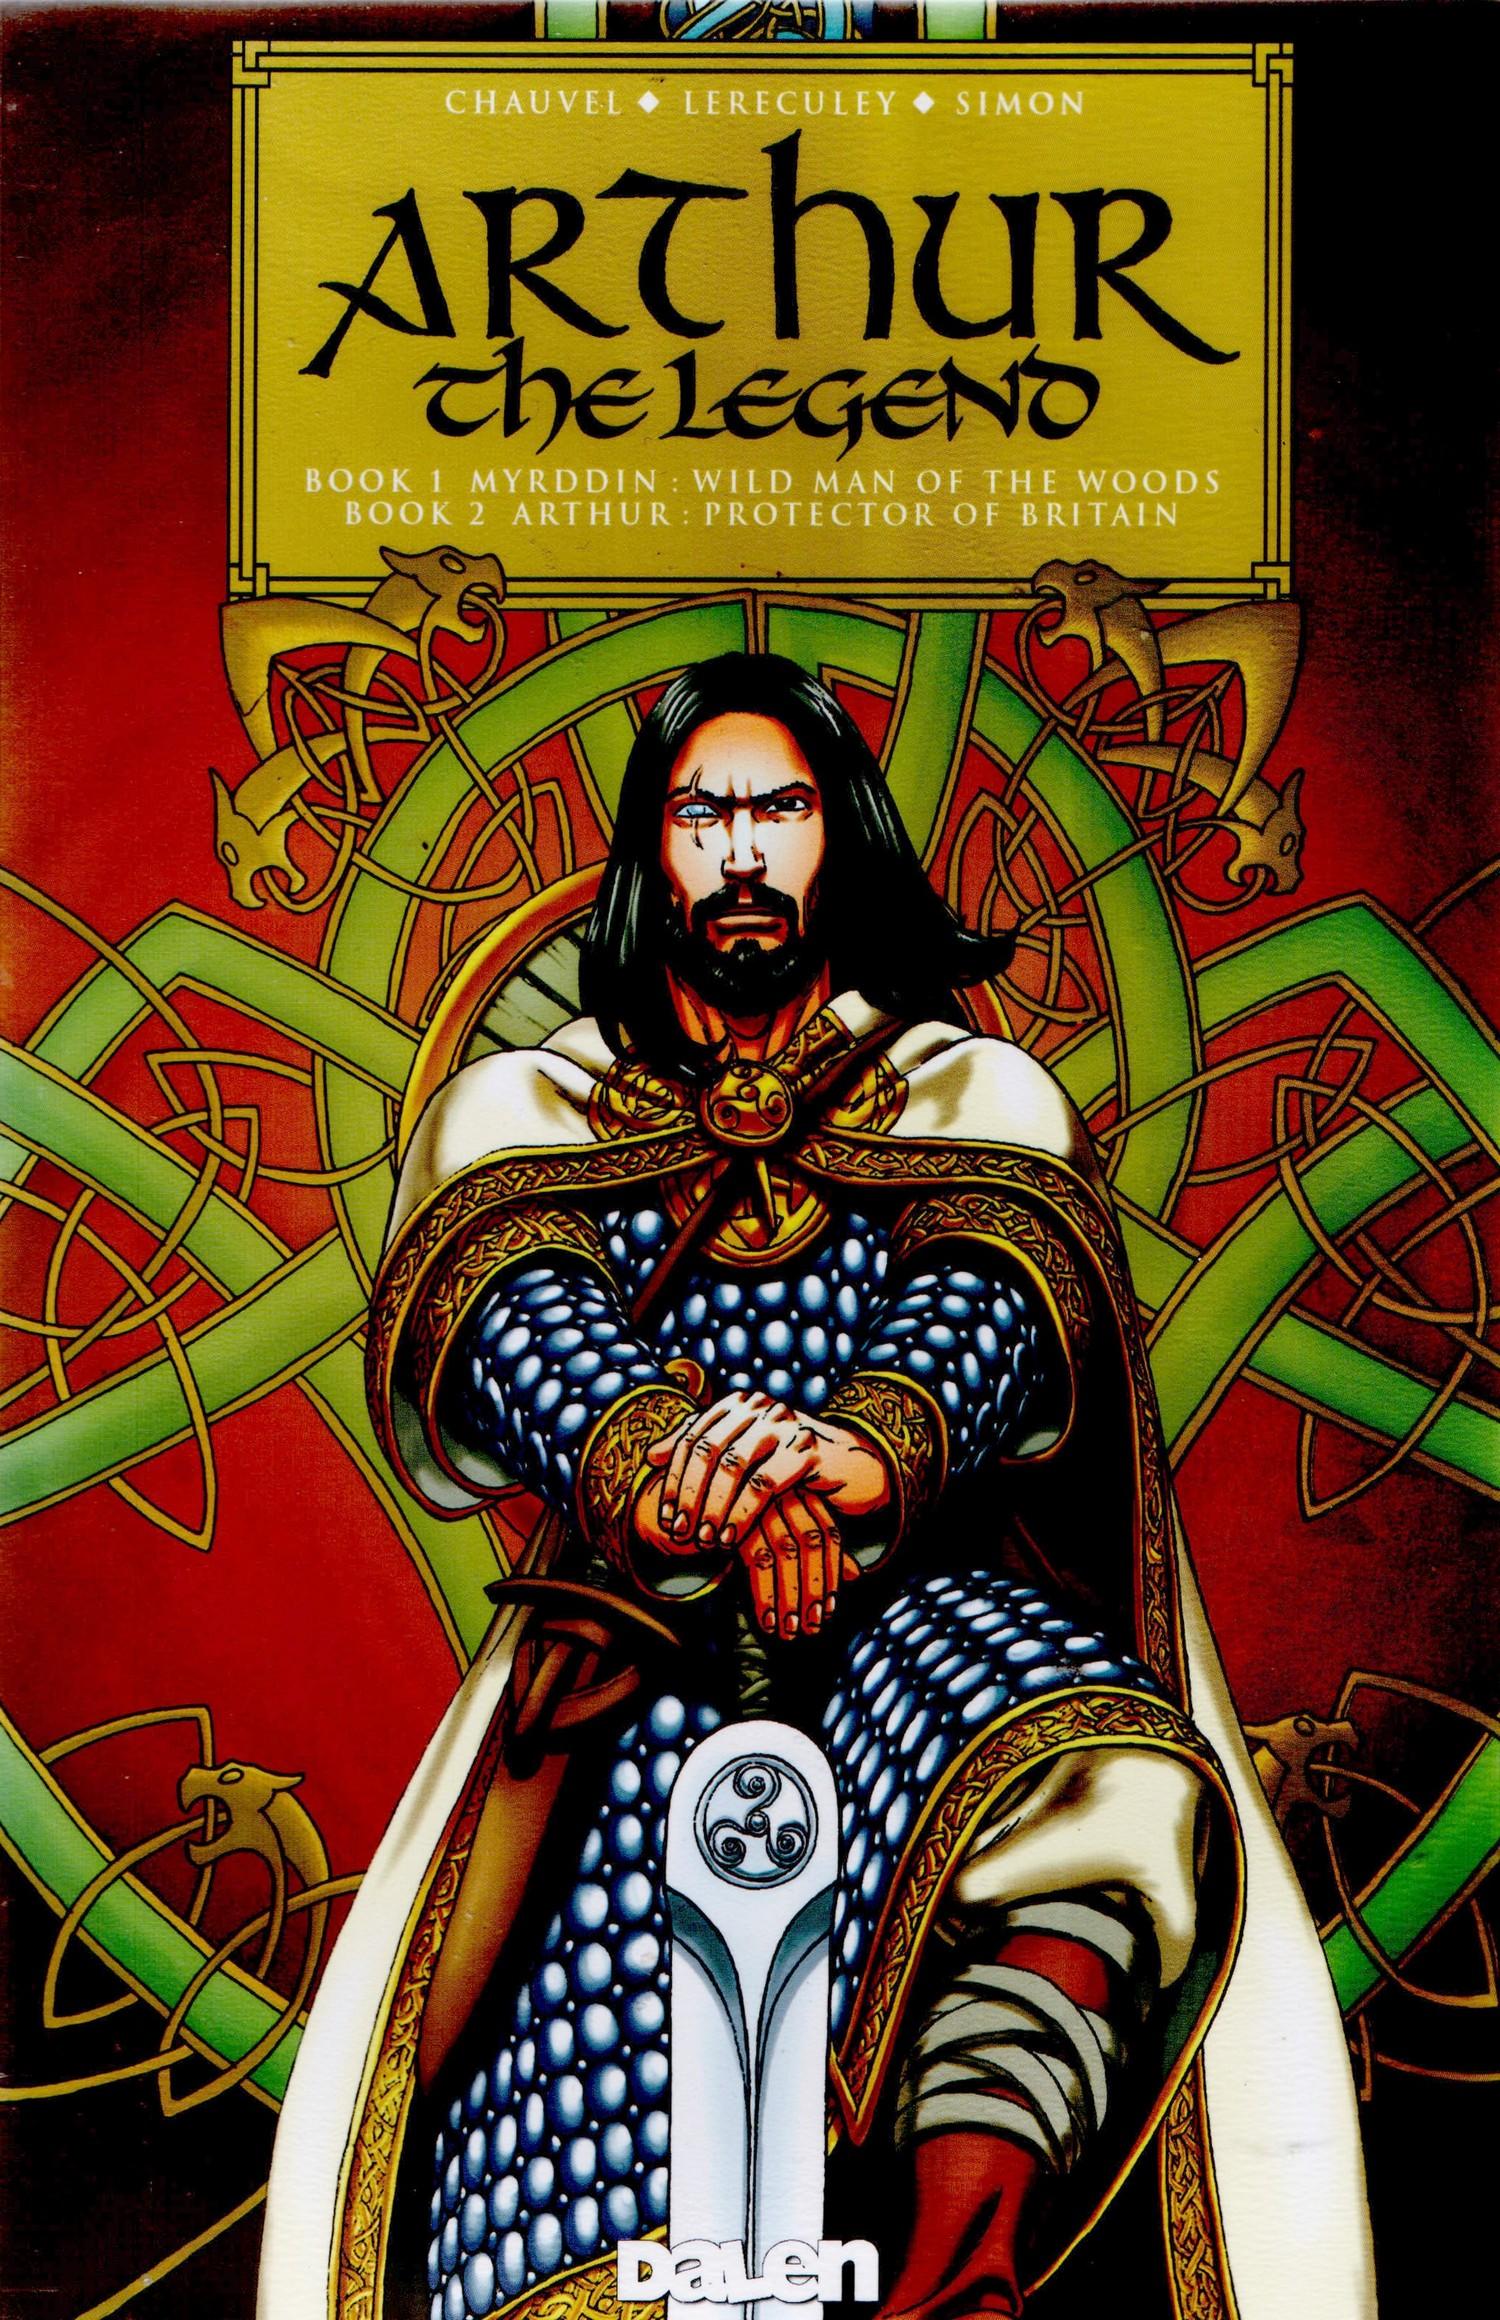 Arthur The Legend TPB Page 1